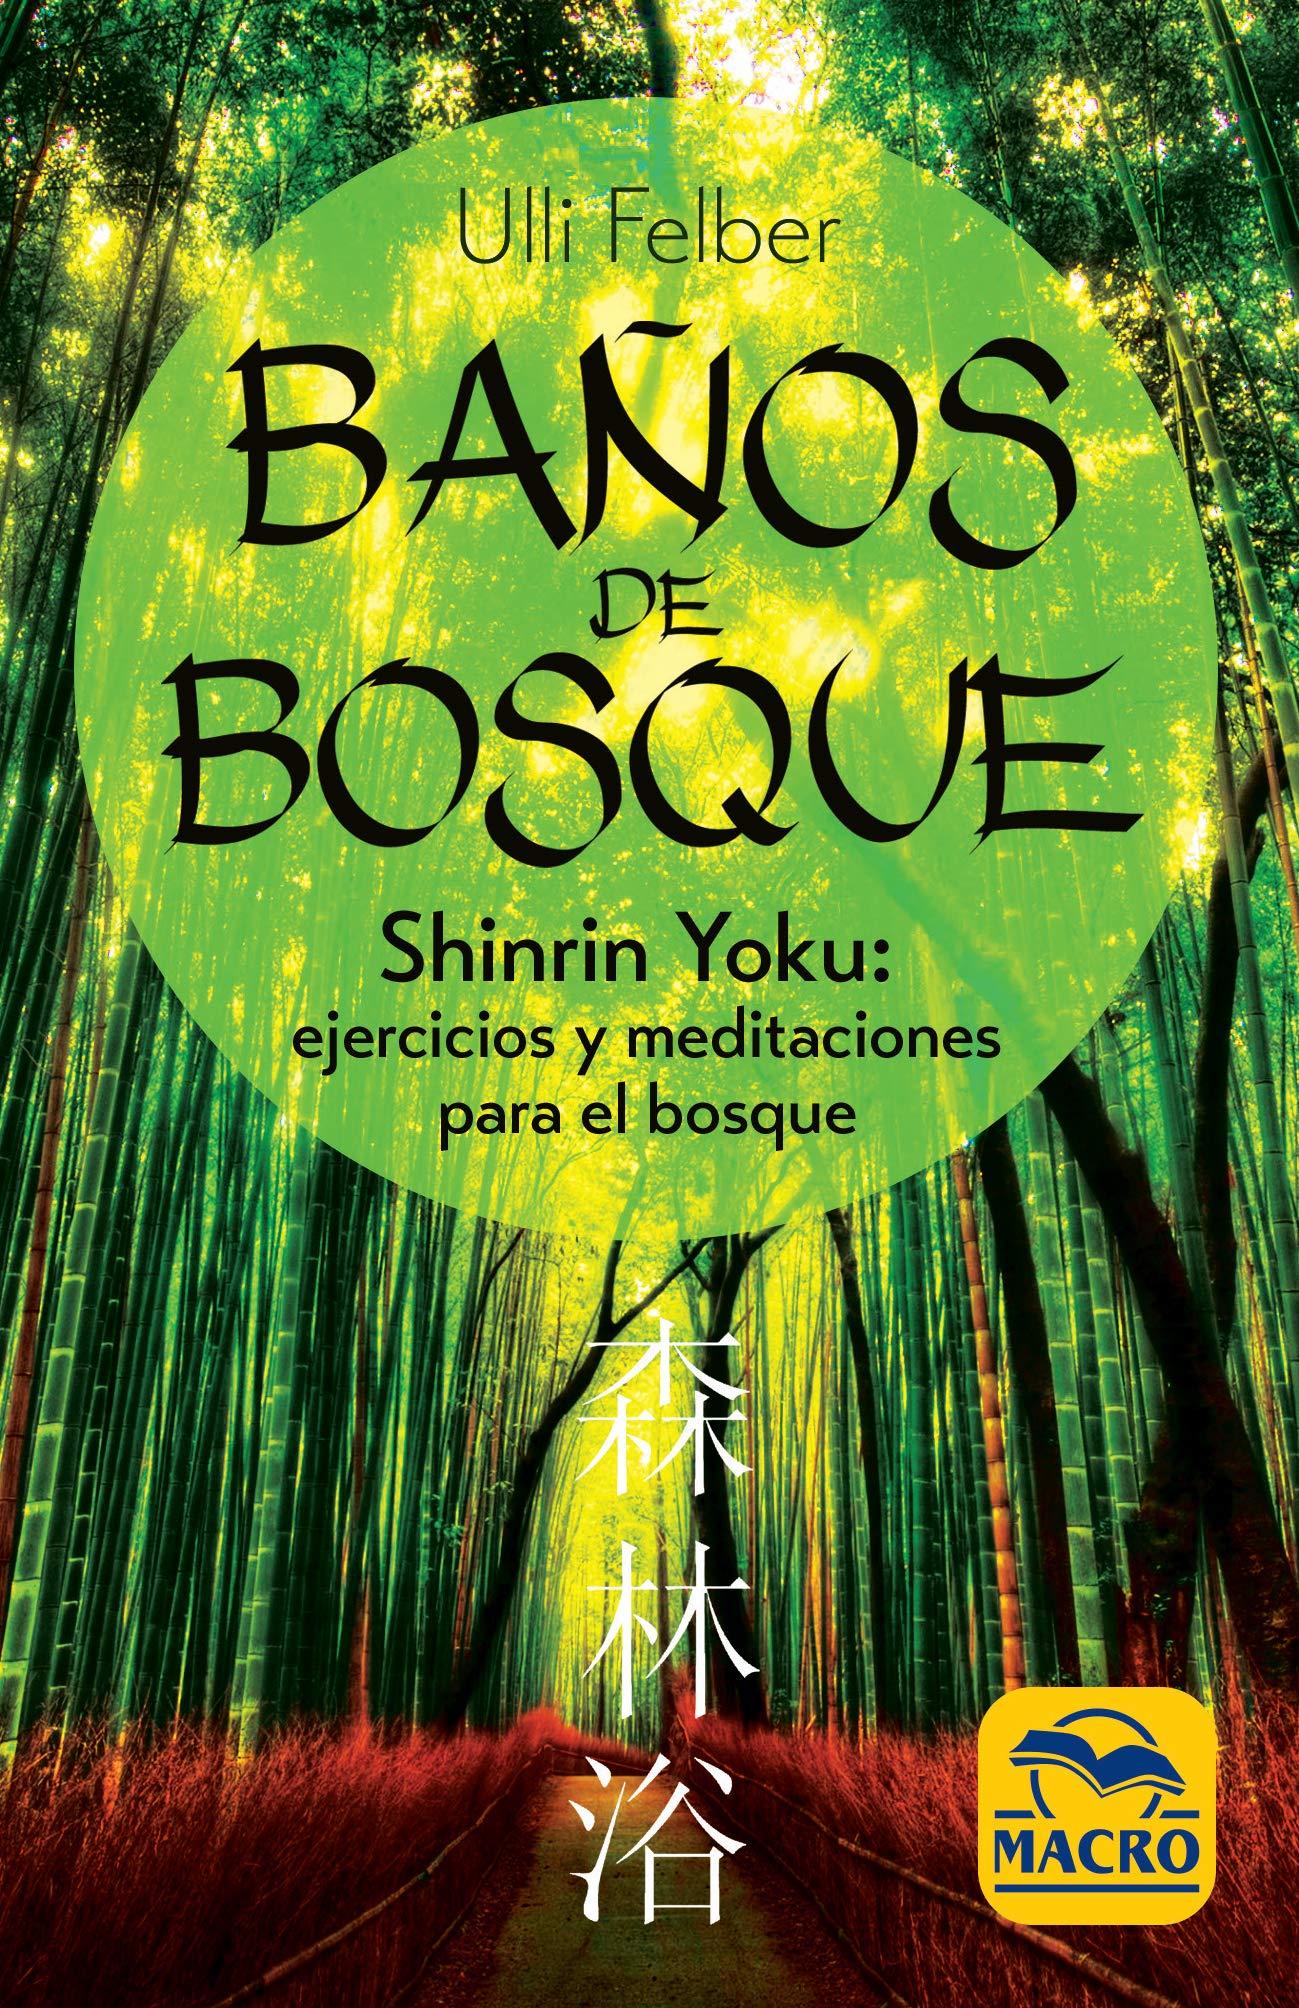 Baños de Bosque: Shinrin-Yoku: ejercicios y meditaciones para el bosque Guía del Bienestar: Amazon.es: Felber, Ulli, Morales-Cañadas, Esther: Libros